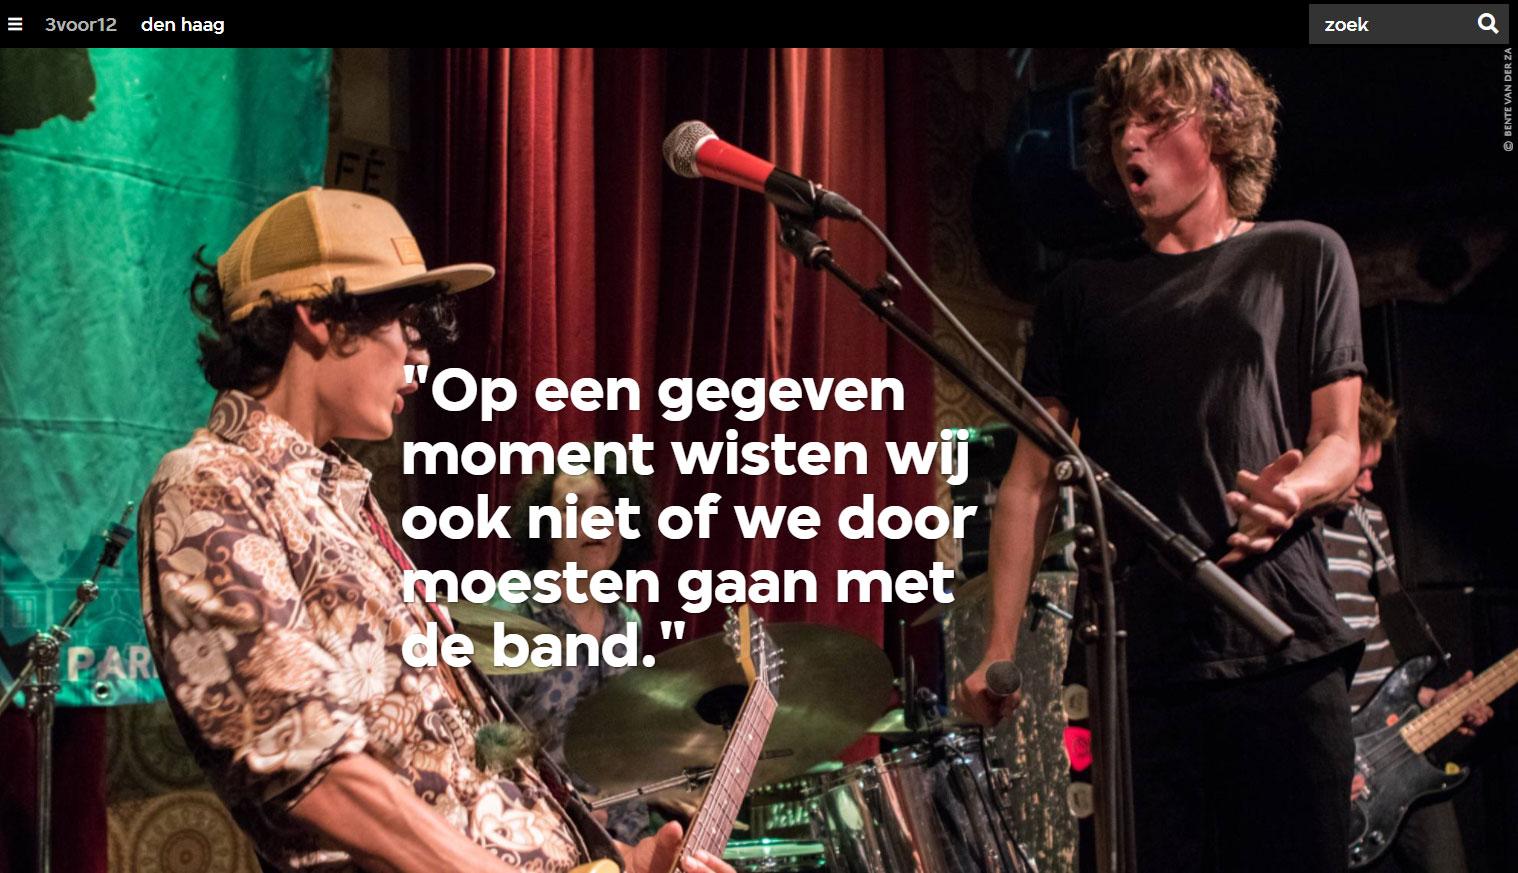 Forever Saturday 3Voor12 Den Haag